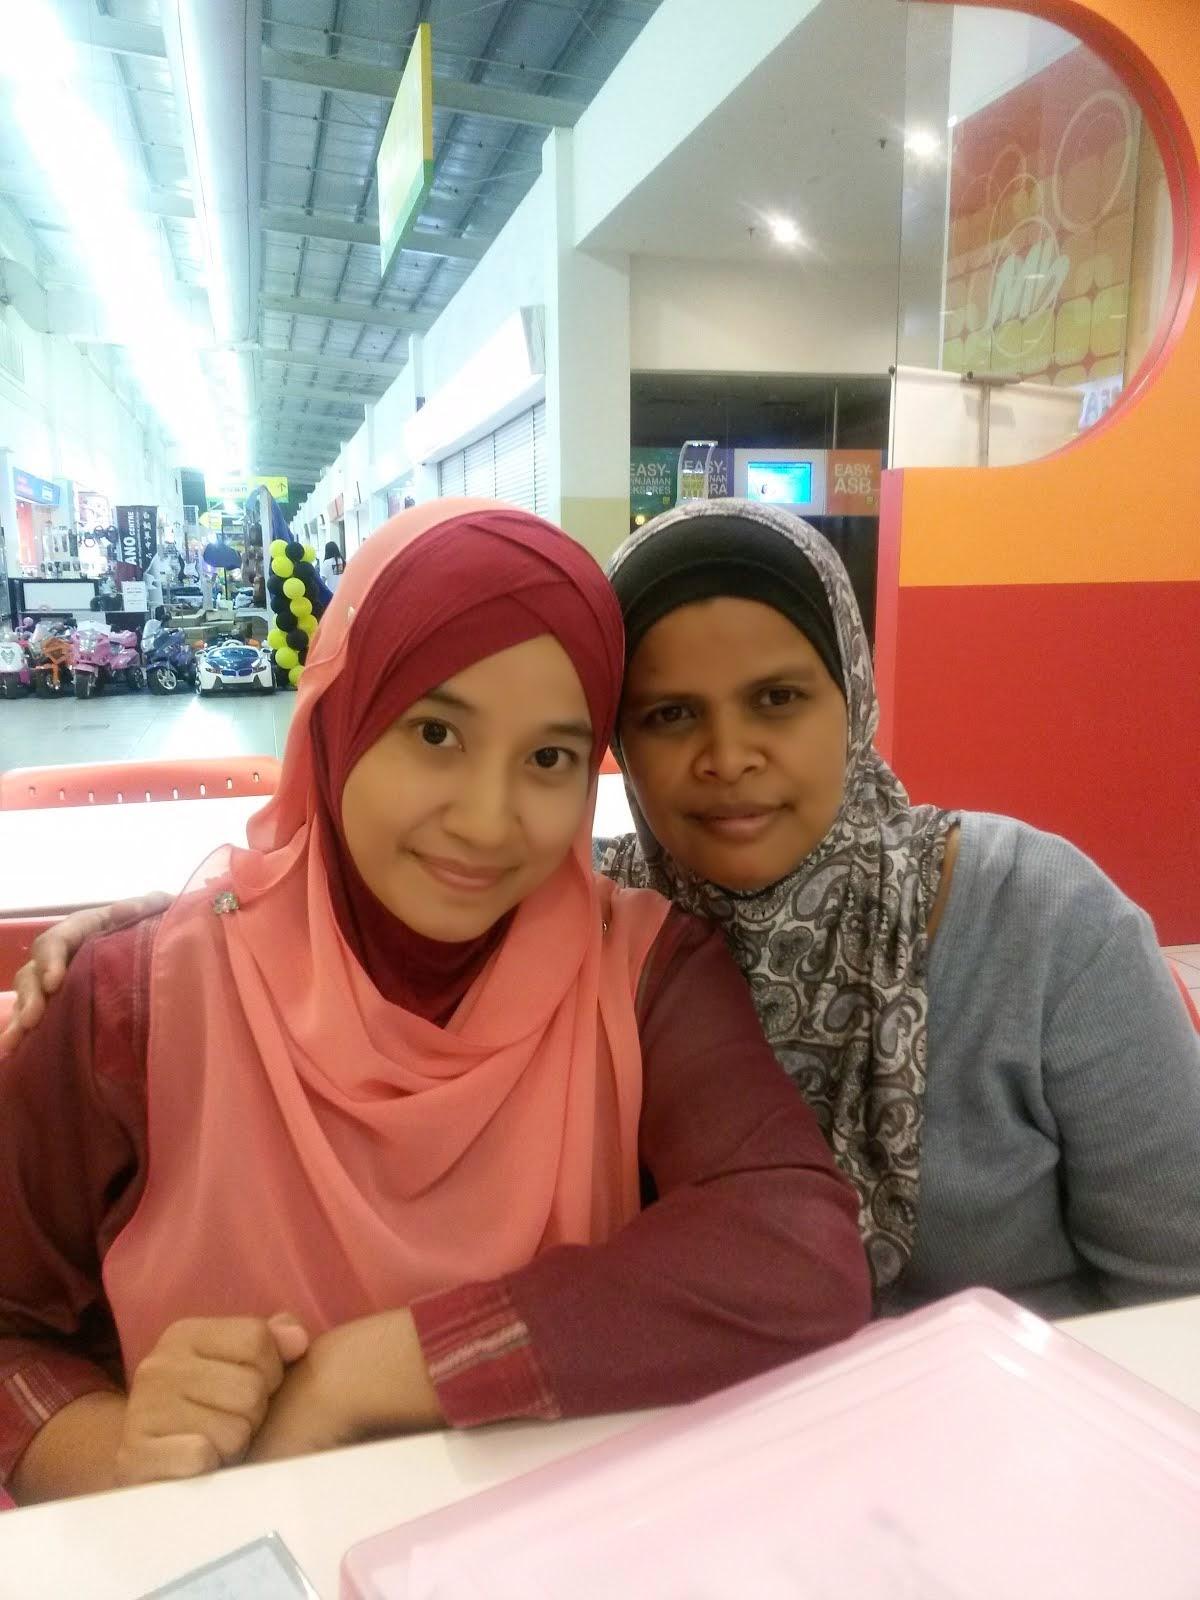 With Eyma